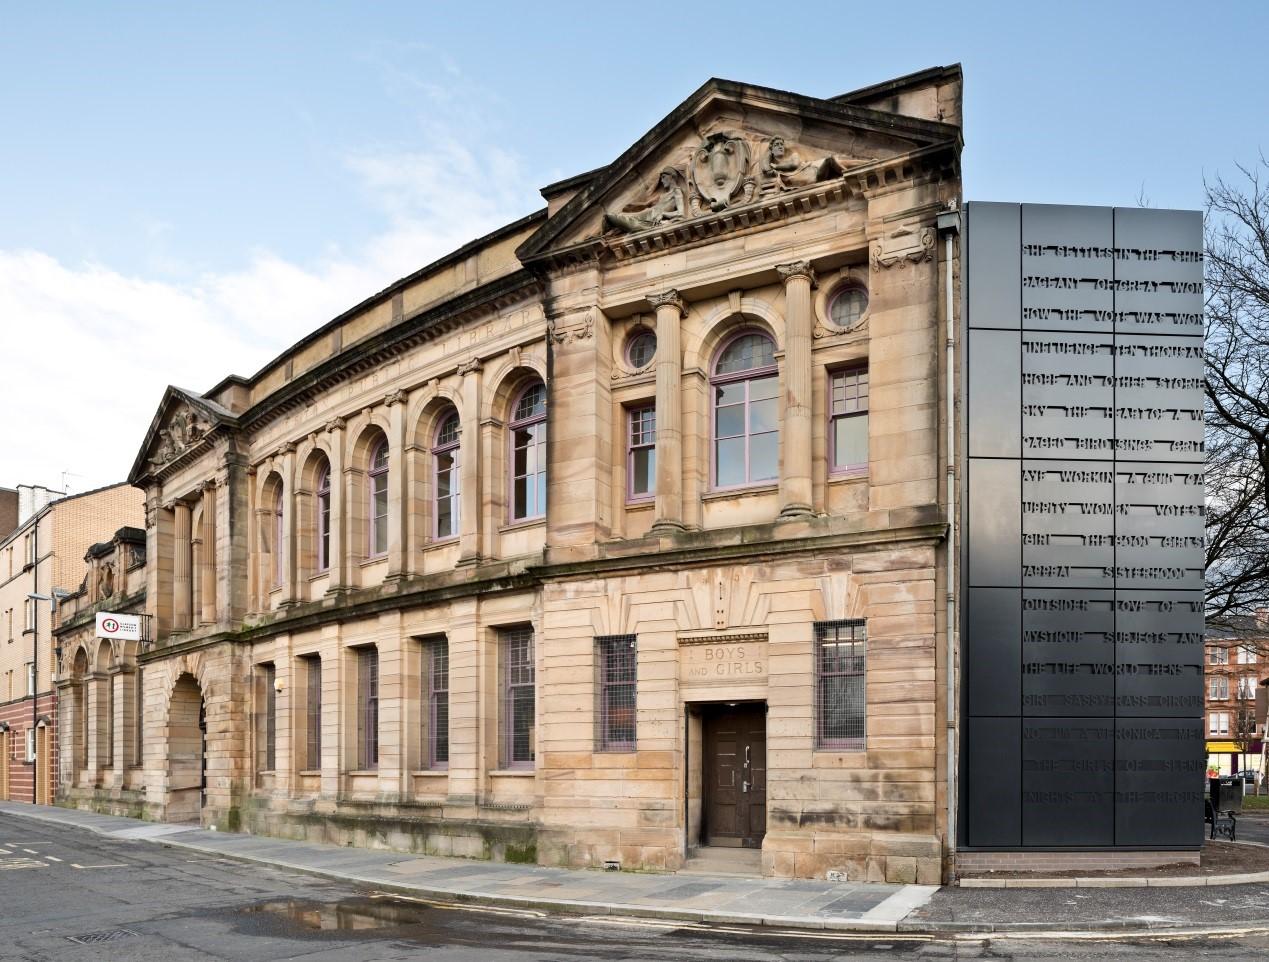 【新訊】格拉斯哥婦女圖書館 : #MeToo時代的博物館